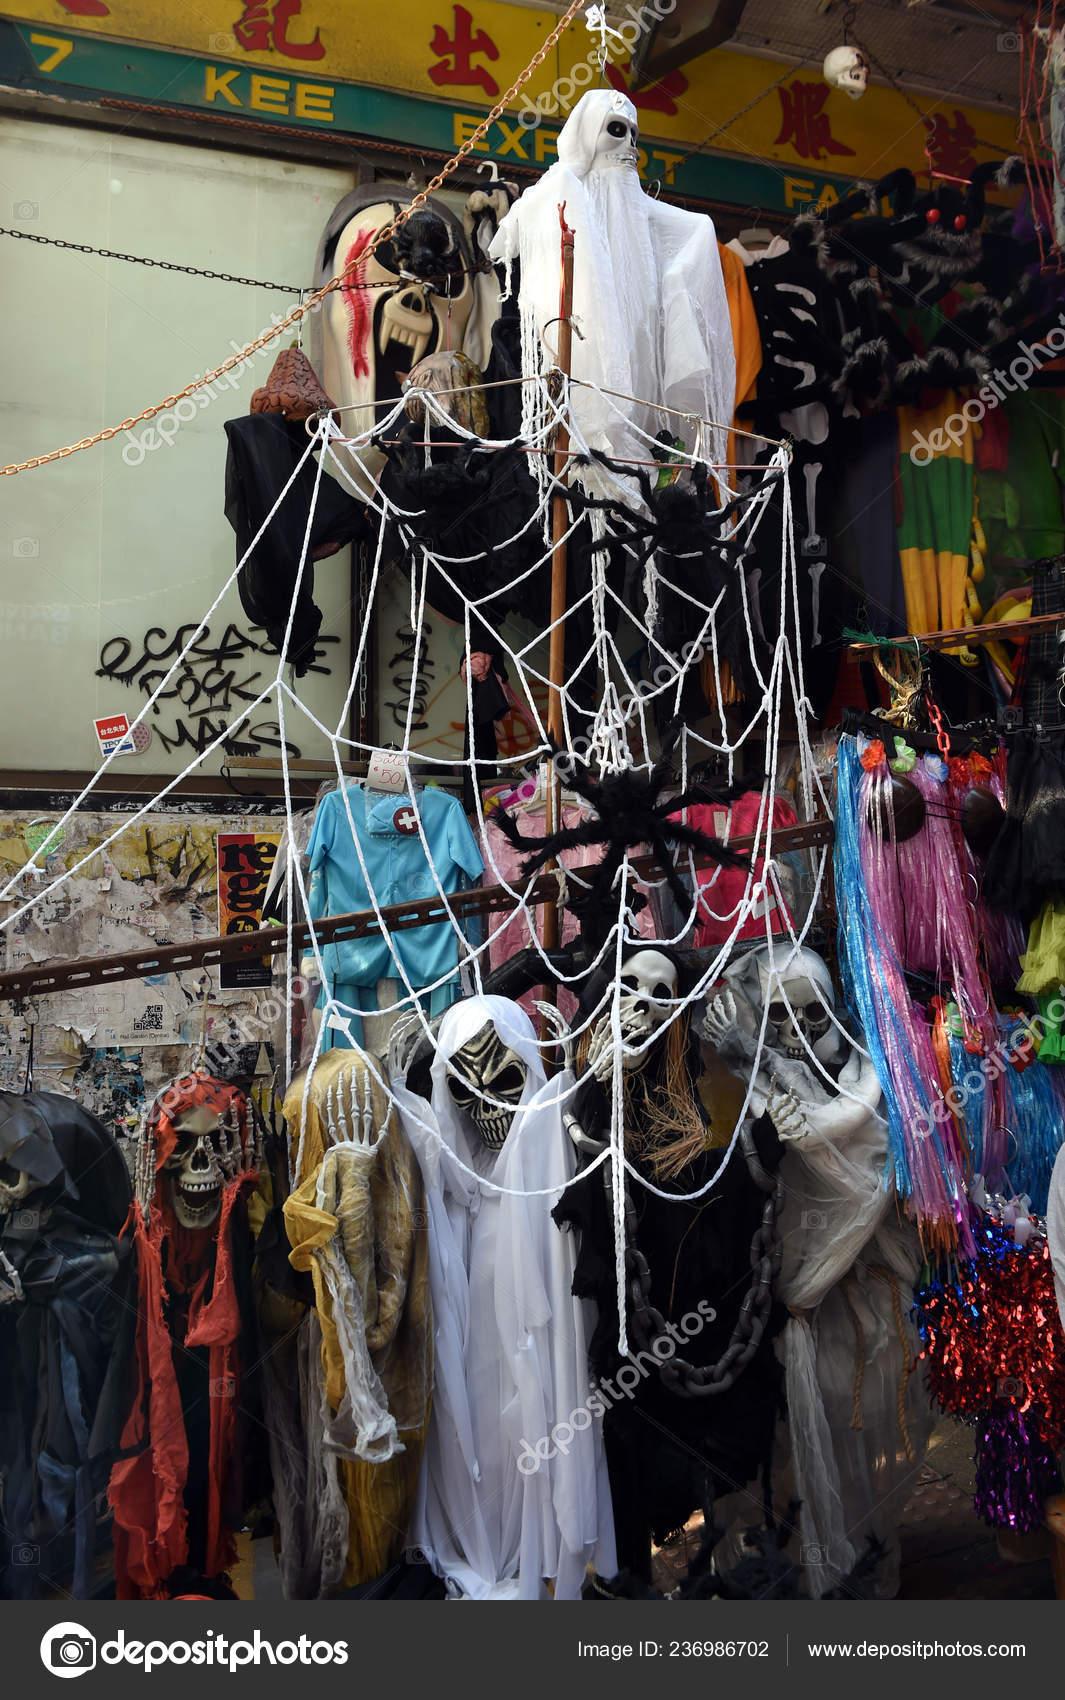 Halloween Shop Displays.Scary Decorations Display Upcoming Halloween Shop Hong Kong China